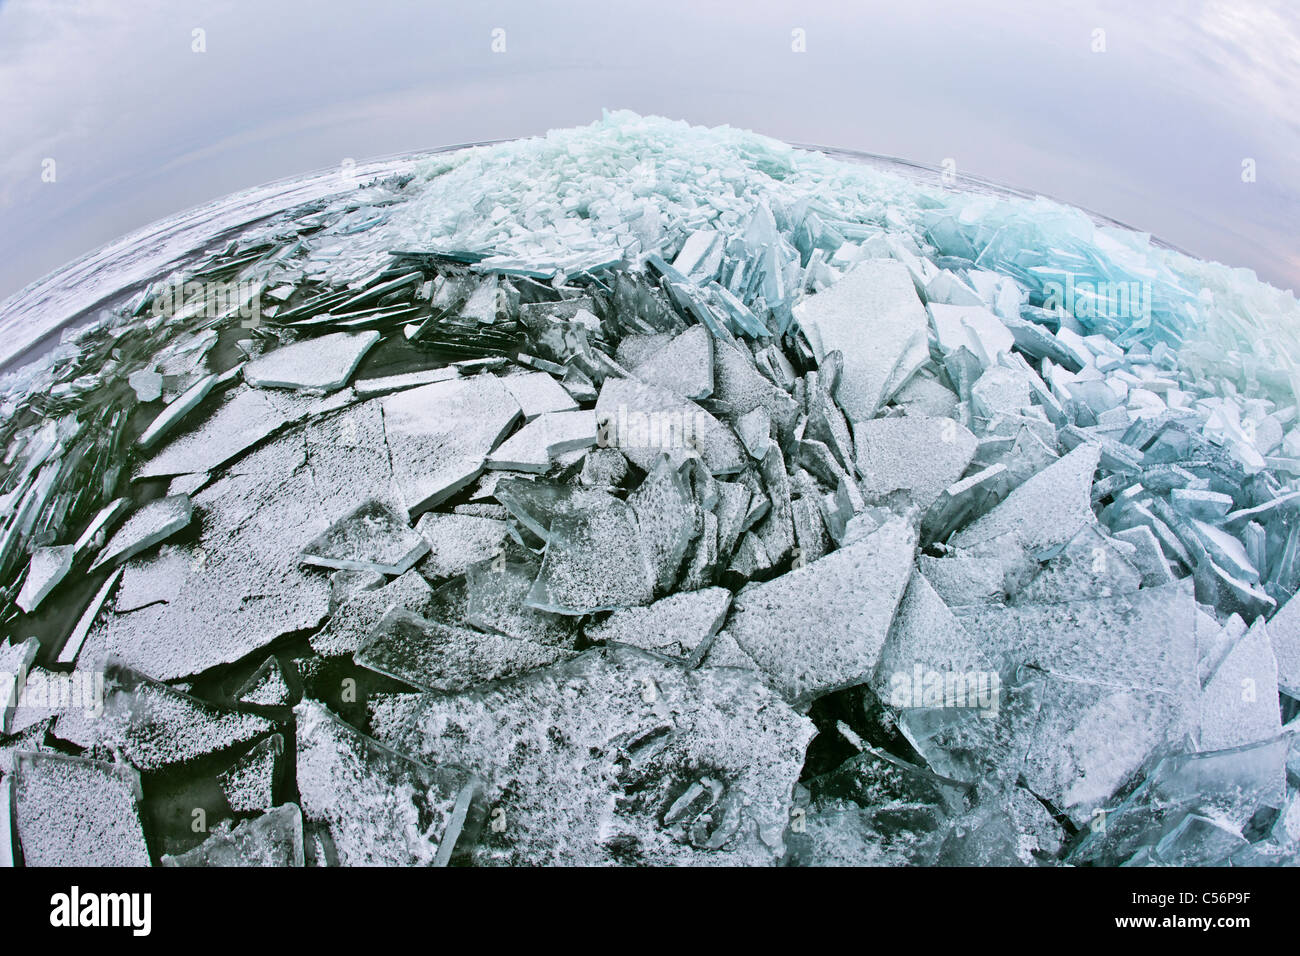 Niederlande, Oosterleek, stapelten sich Eis auf zugefrorenen See IJsselmeer genannt. Stockbild